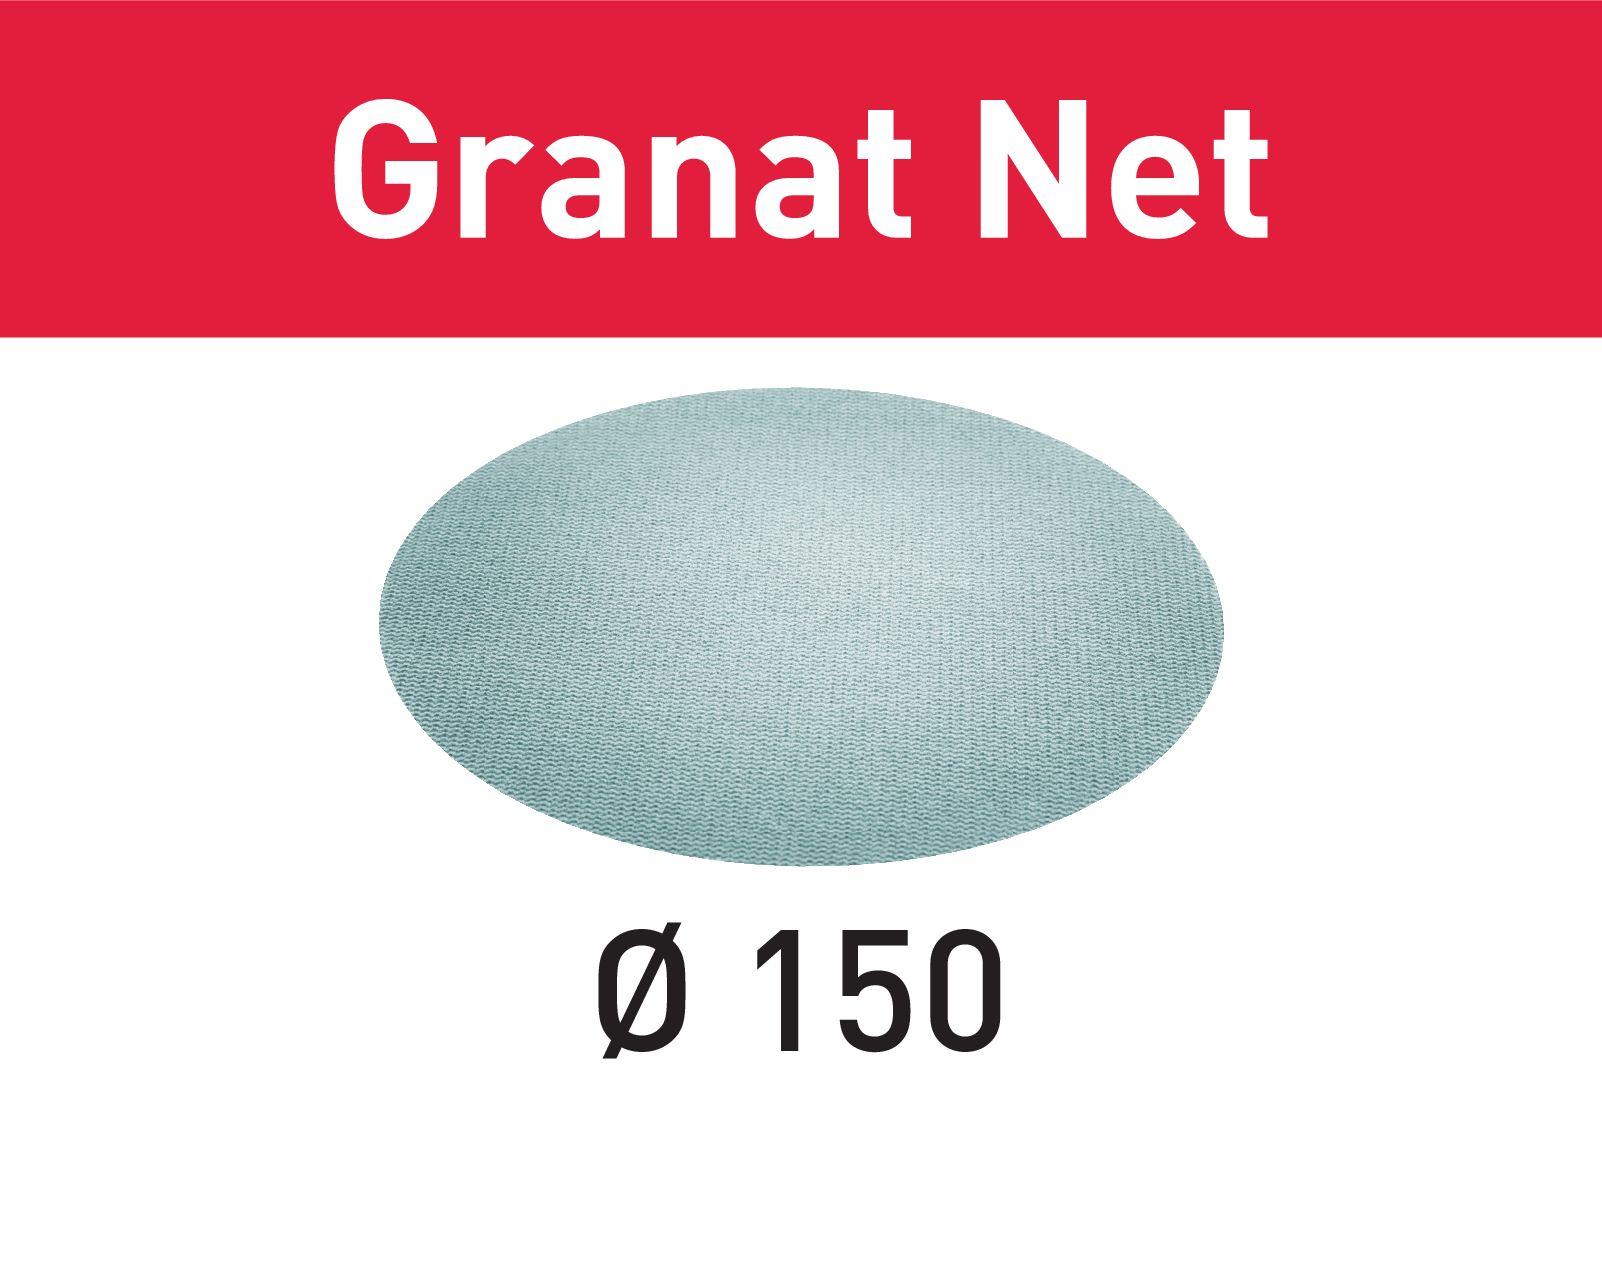 Granat Slípinet D150Ø